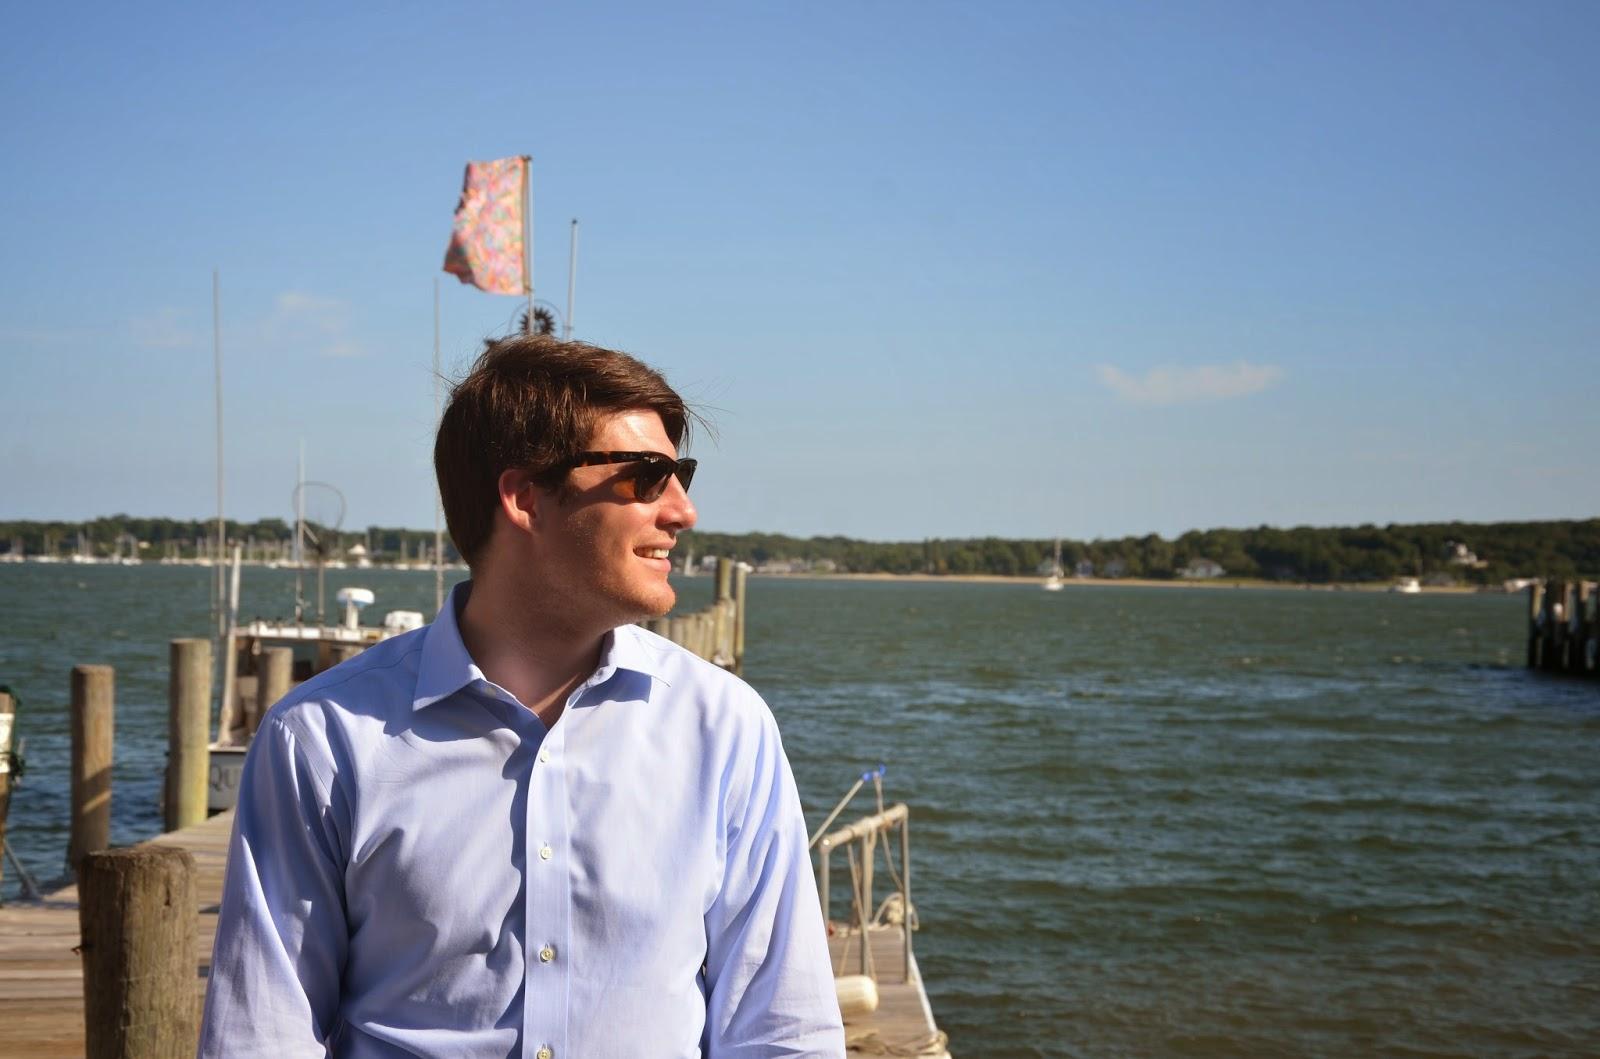 JD on the dock, Greenport Harbor, NY